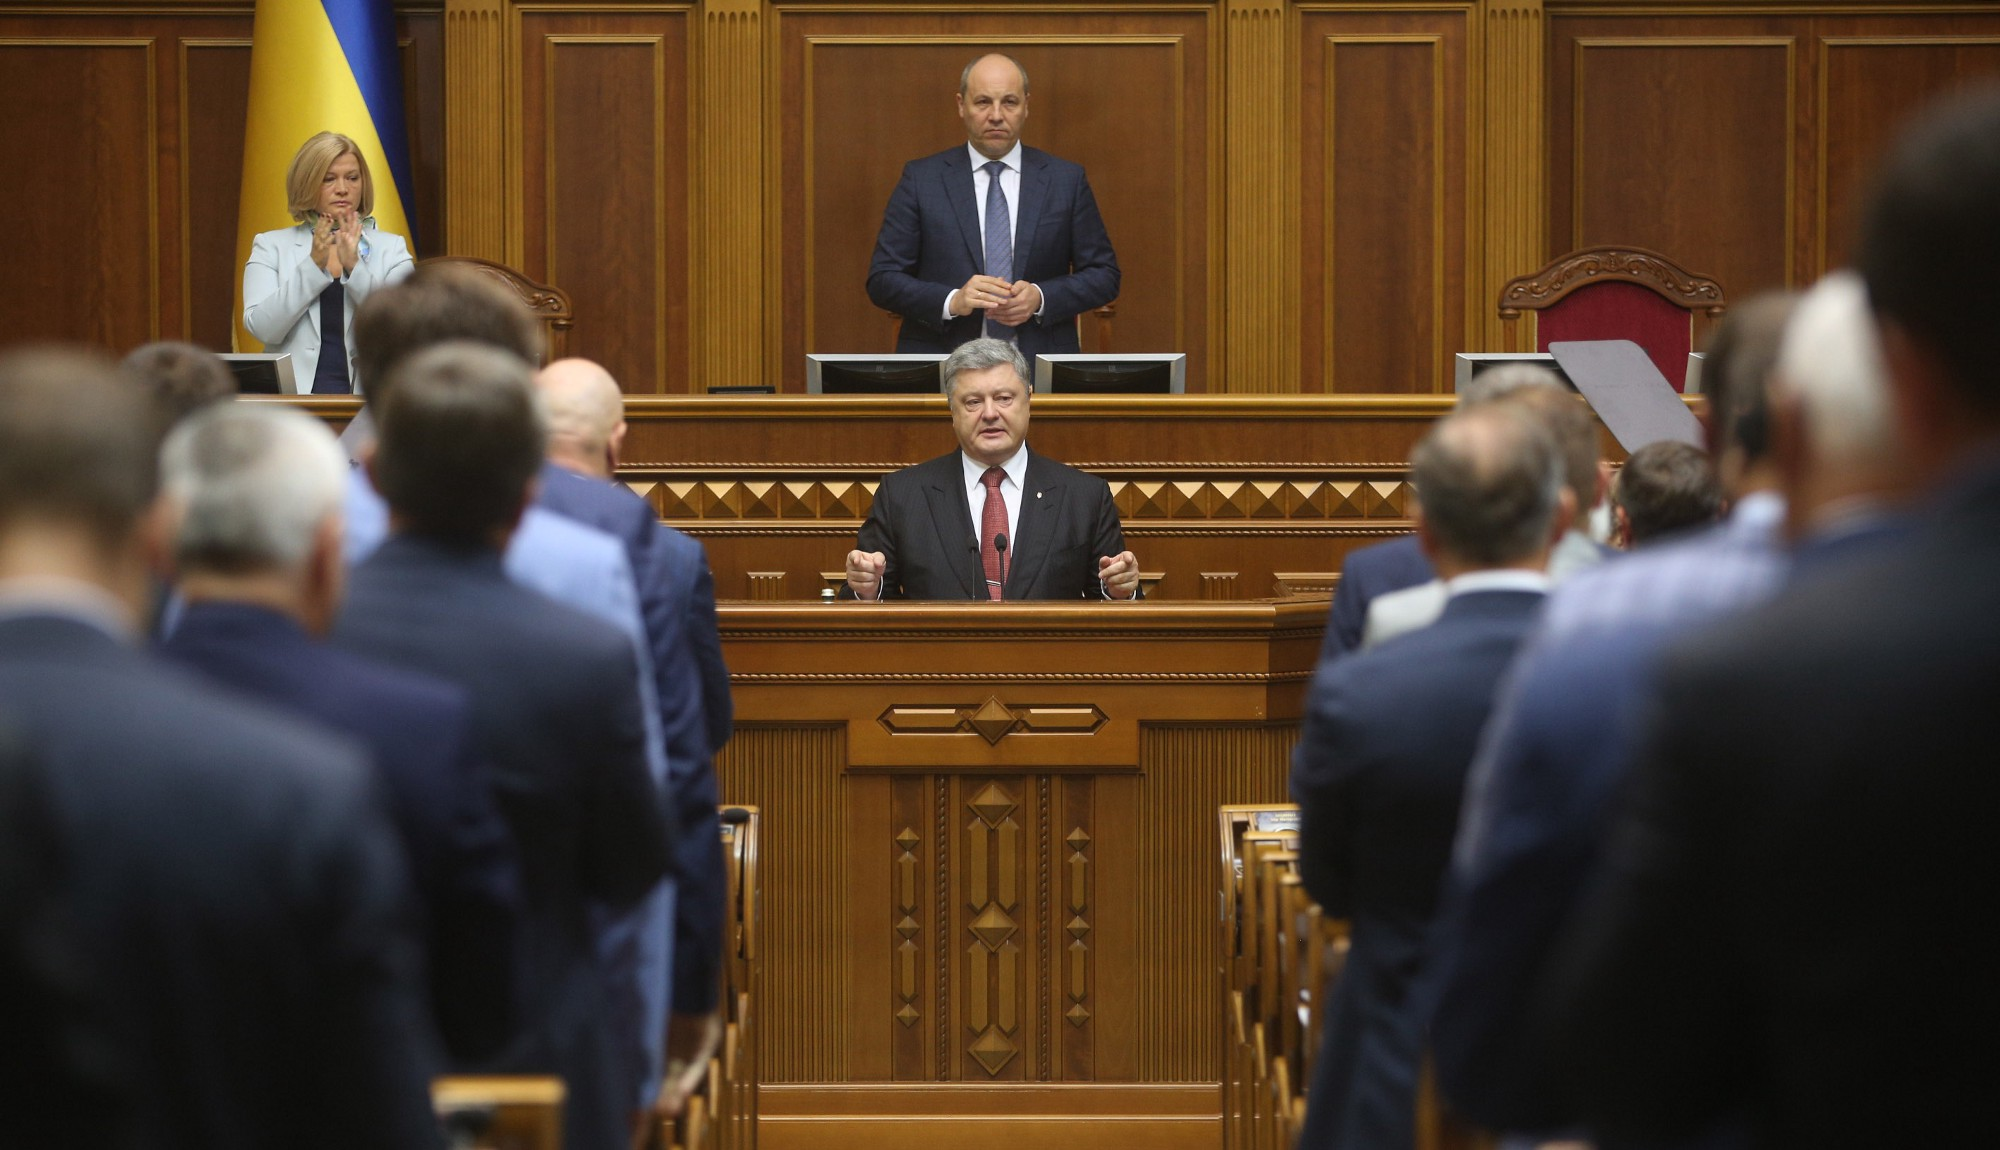 Нардепы оценили выступление президента в парламенте